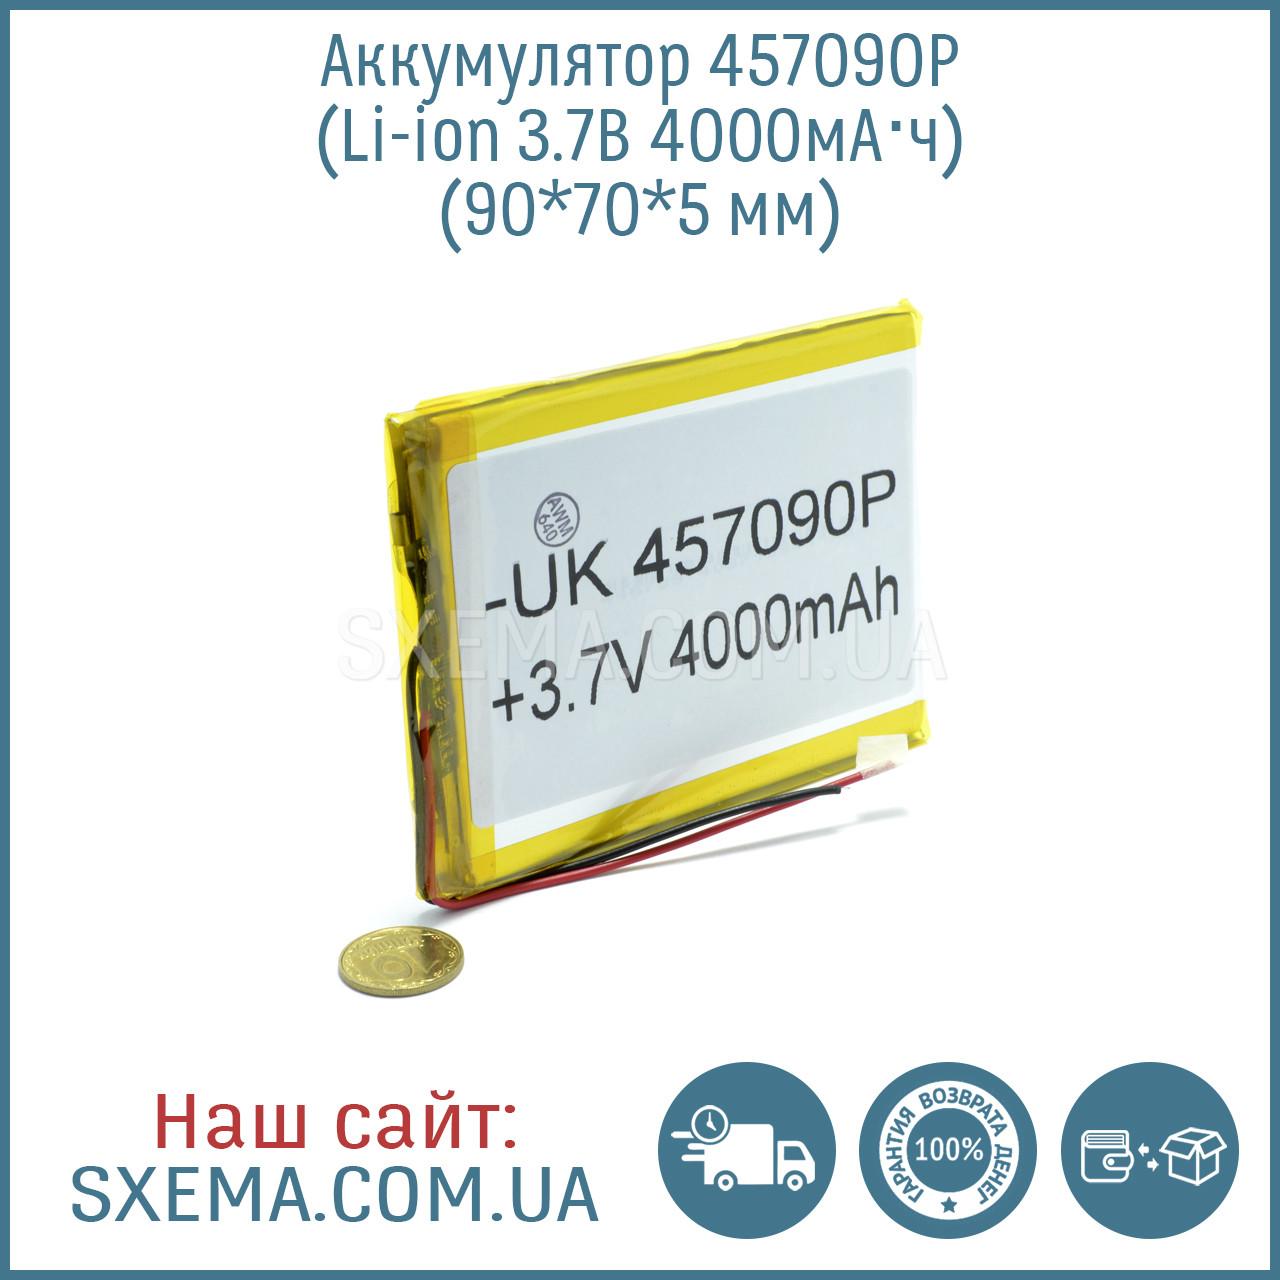 Аккумулятор универсальный 457090 (Li-ion 3.7В 4000мА·ч), (90*70*5 мм)